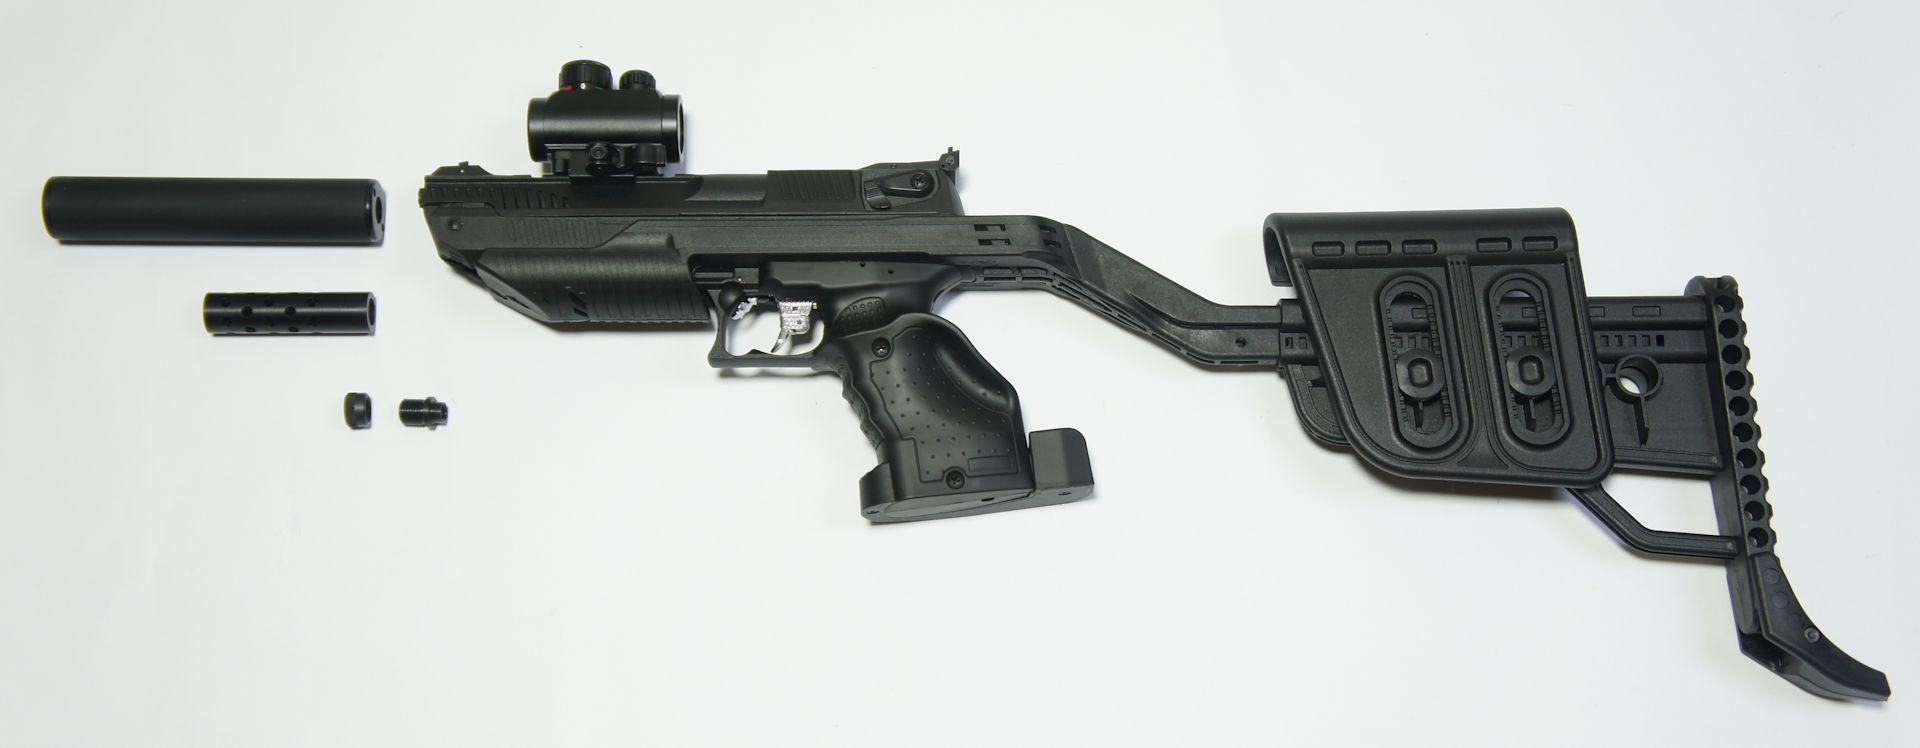 Die Teile sind als Zubehör für die Luftpistole Zoraki erhältlich.